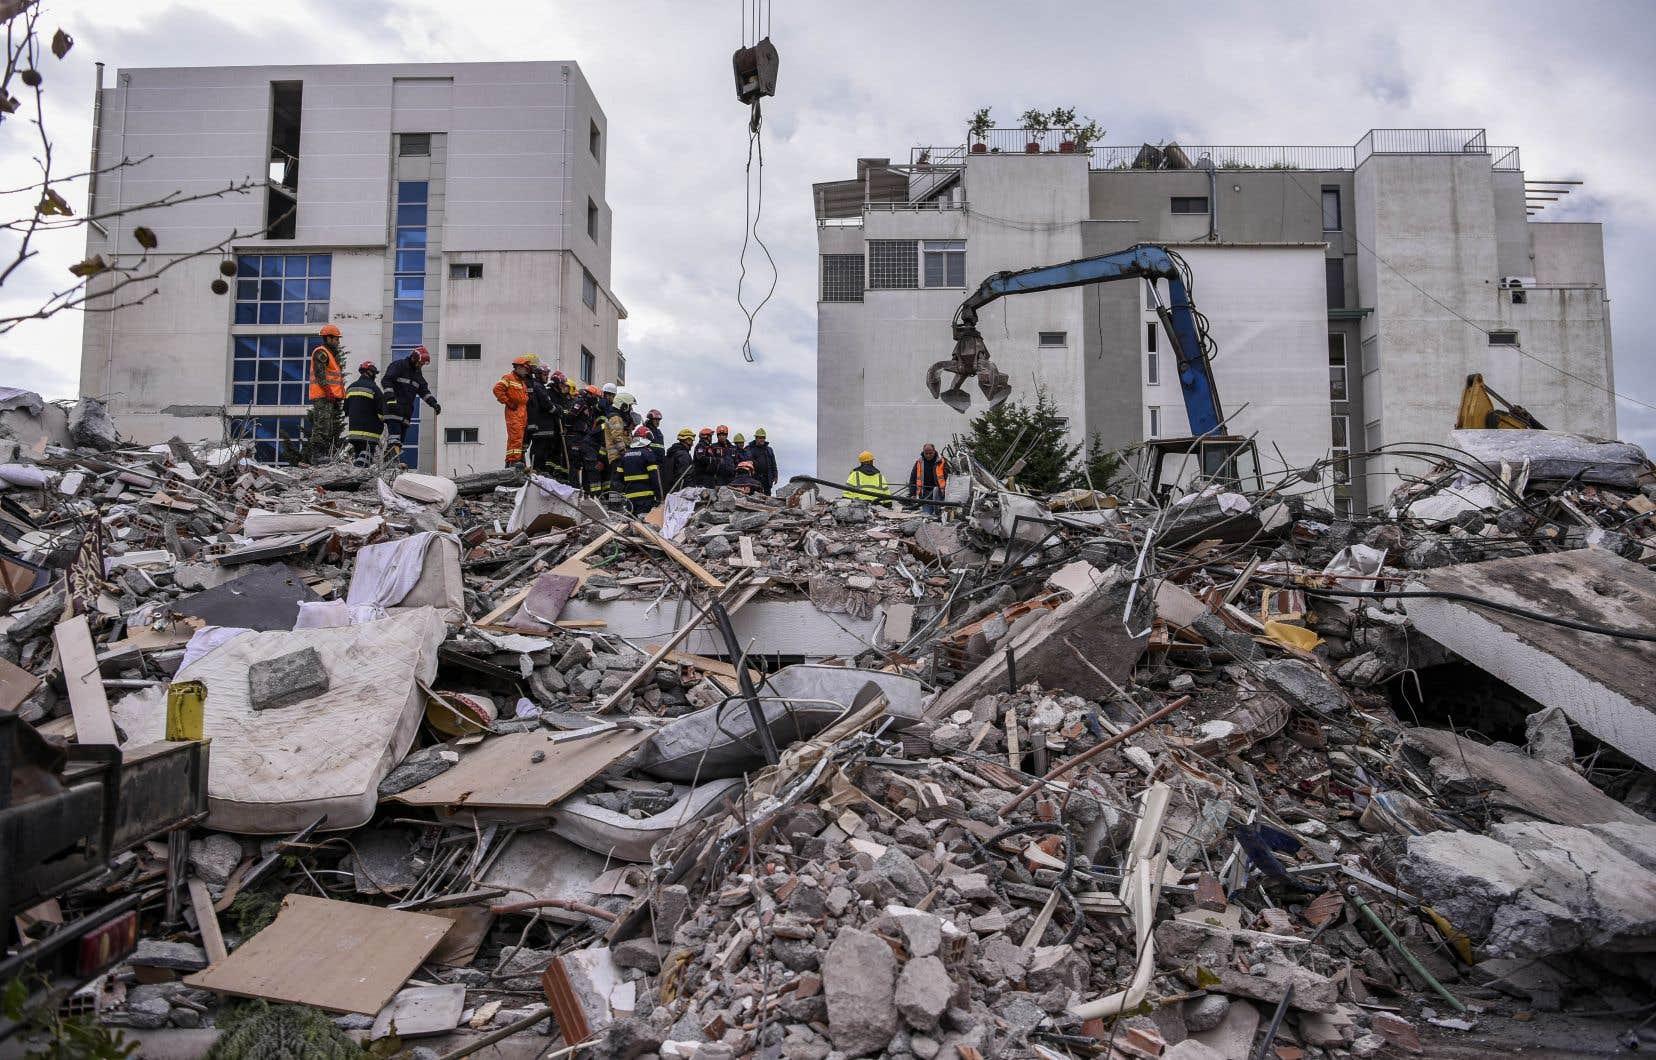 <p>Environ 650 personnes ont également été blessées dans la catastrophe, dont dix grièvement, selon le ministère de la Santé.</p>